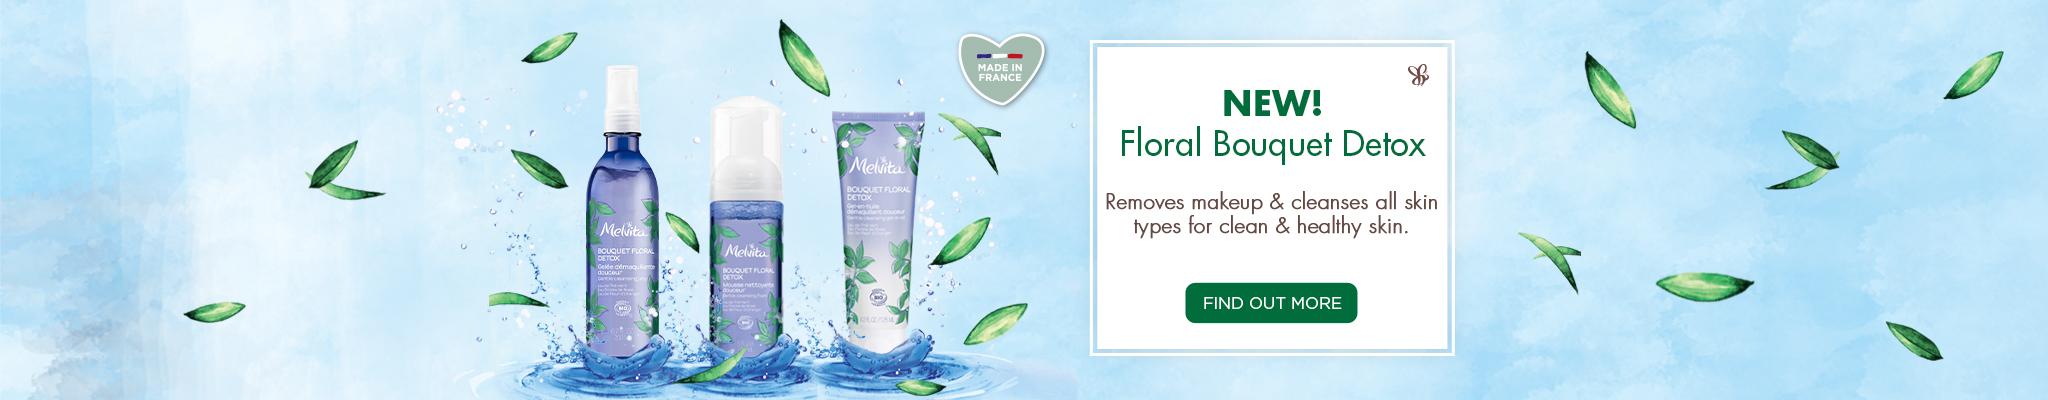 Floral Bouquet Detox